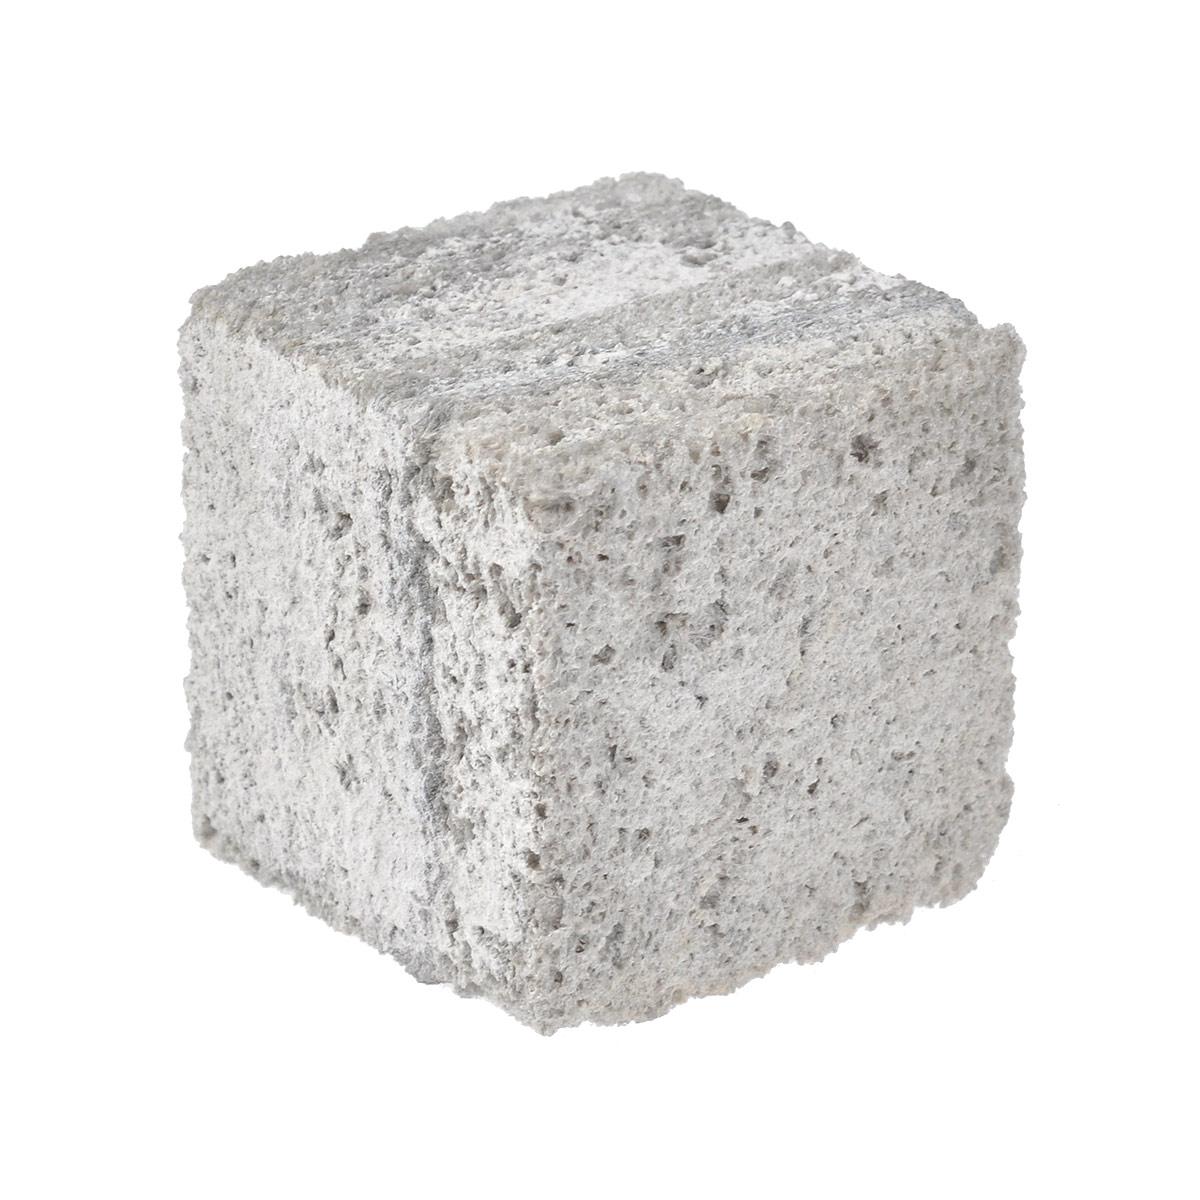 Камень для шиншилл JR Farm, жевательный, 50 г36547/10988Камень для шиншилл JR Farm  очень твердый. Жевательный камень из Анд - естественного местообитания шиншилл. Камень обеспечивает стирание зубов и их заточку у шиншилл и дегу. Состав: горный камень из Анд. Размер (ДхШхВ): 4,5 см х 4,5 см х 4,5 см. Товар сертифицирован.